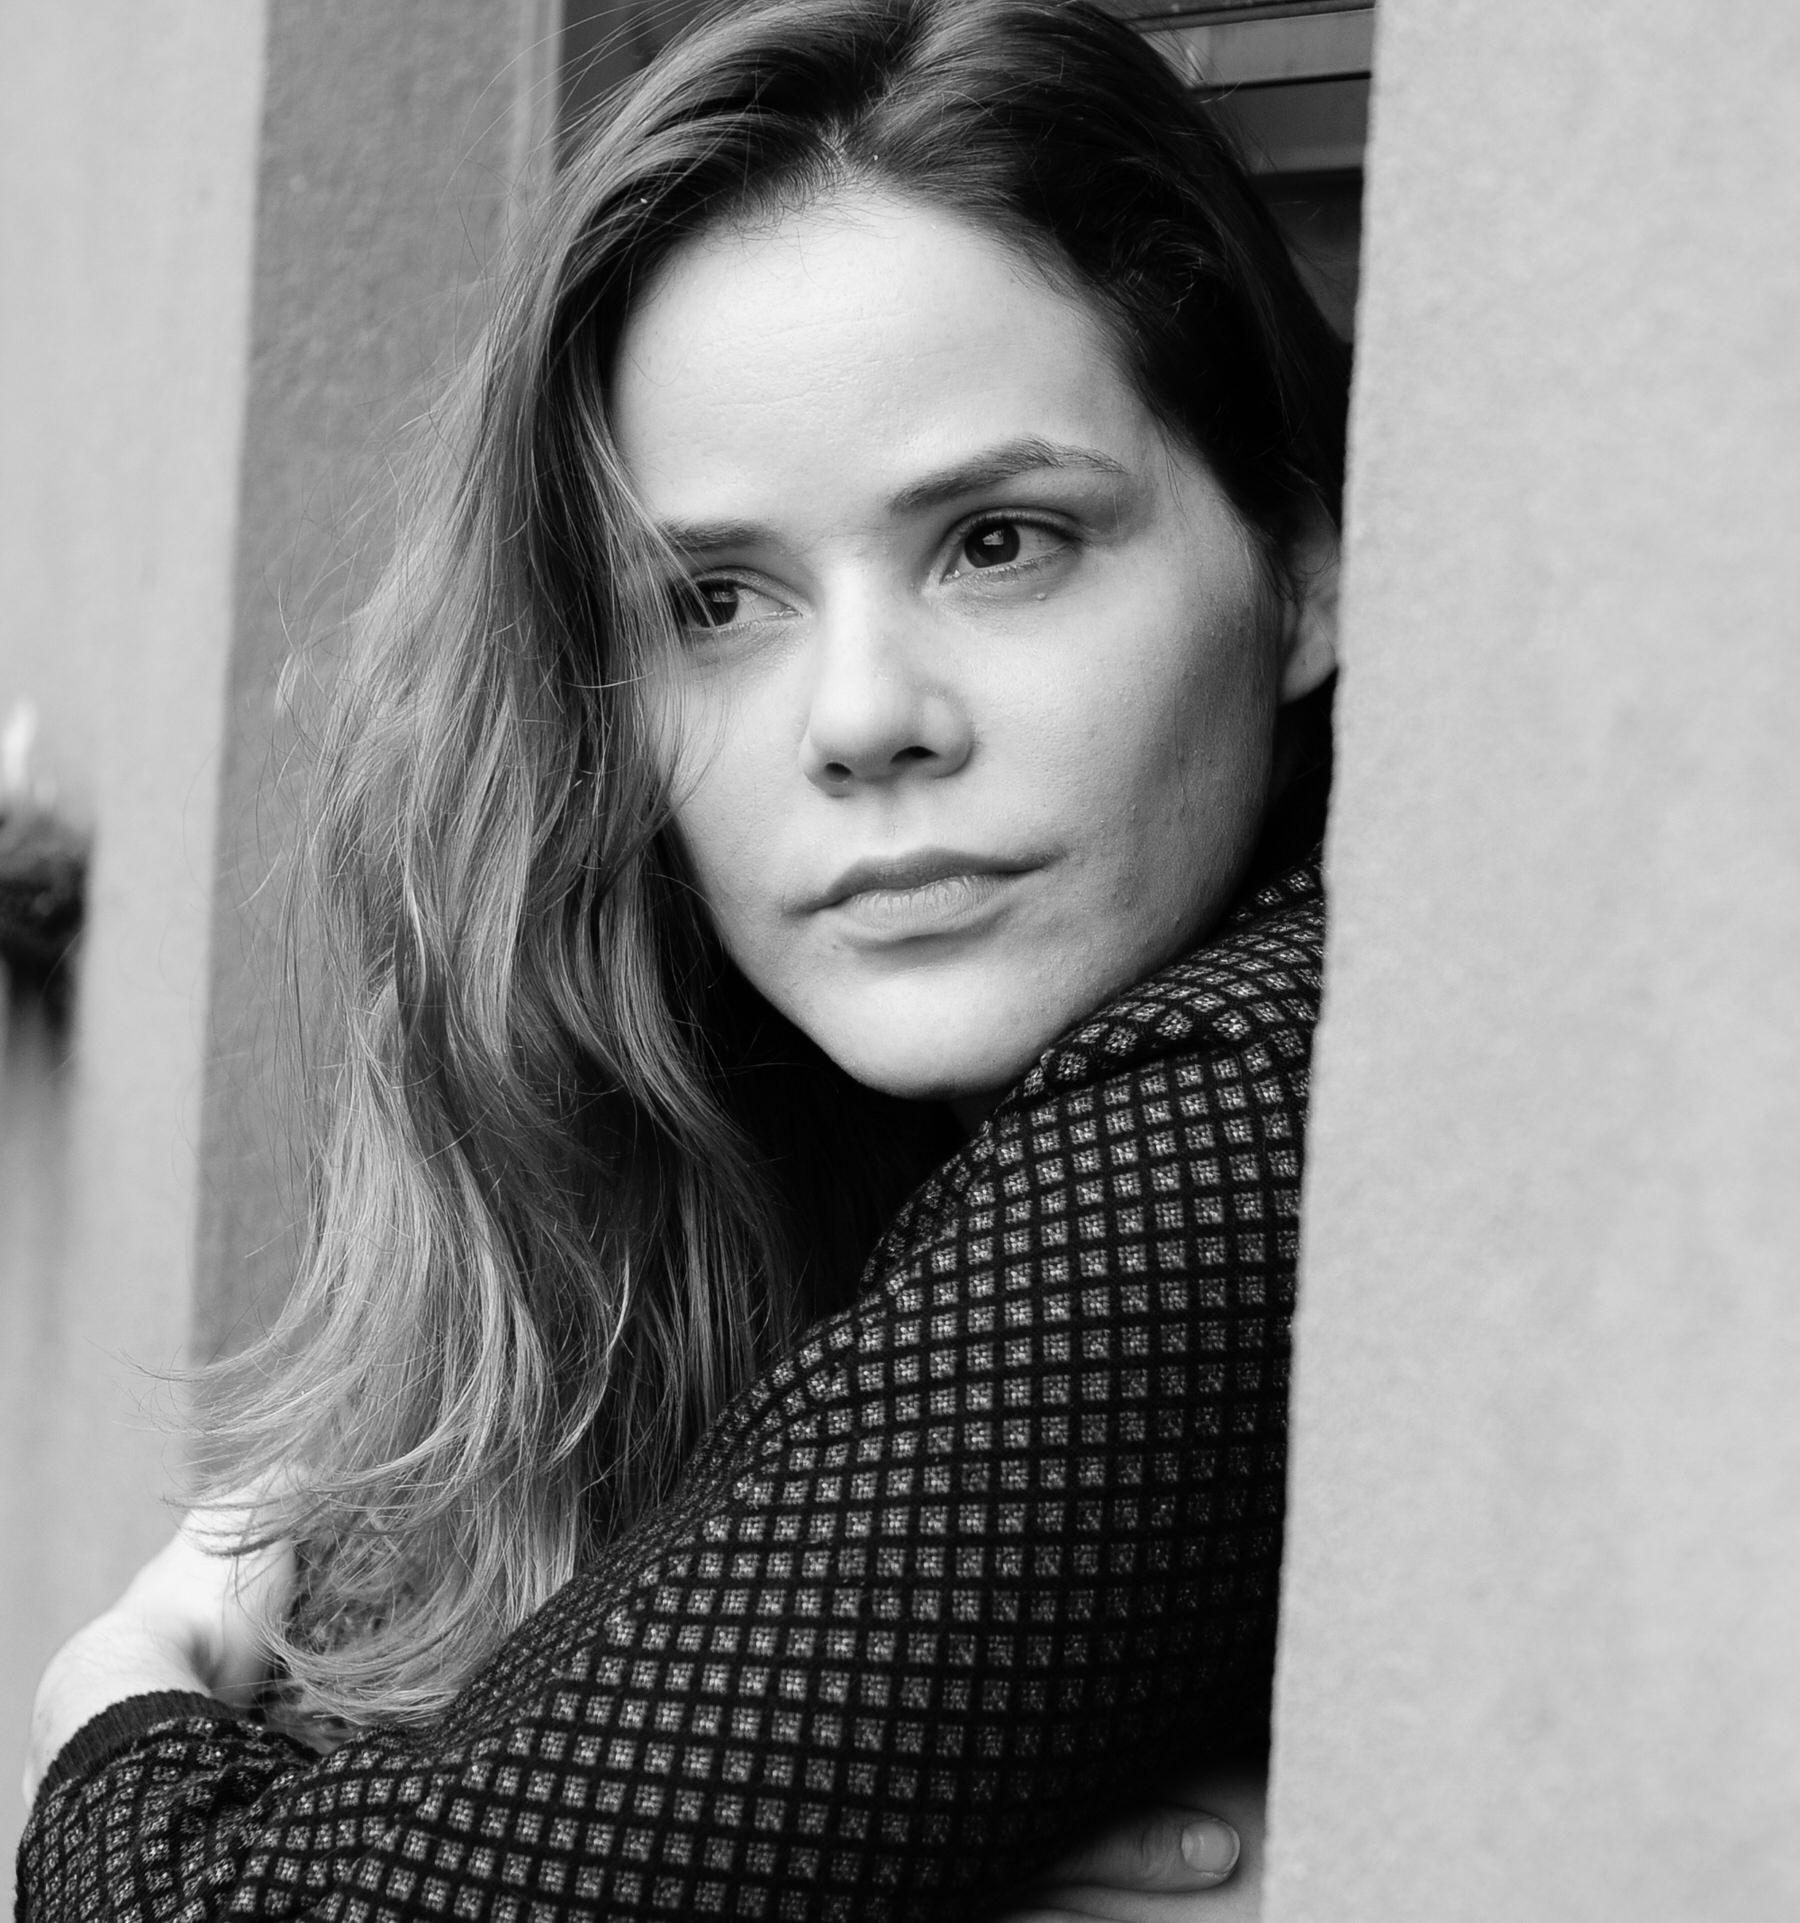 image from KJCC Poetry Series - Carson y la decreación 3: Bianca Stone